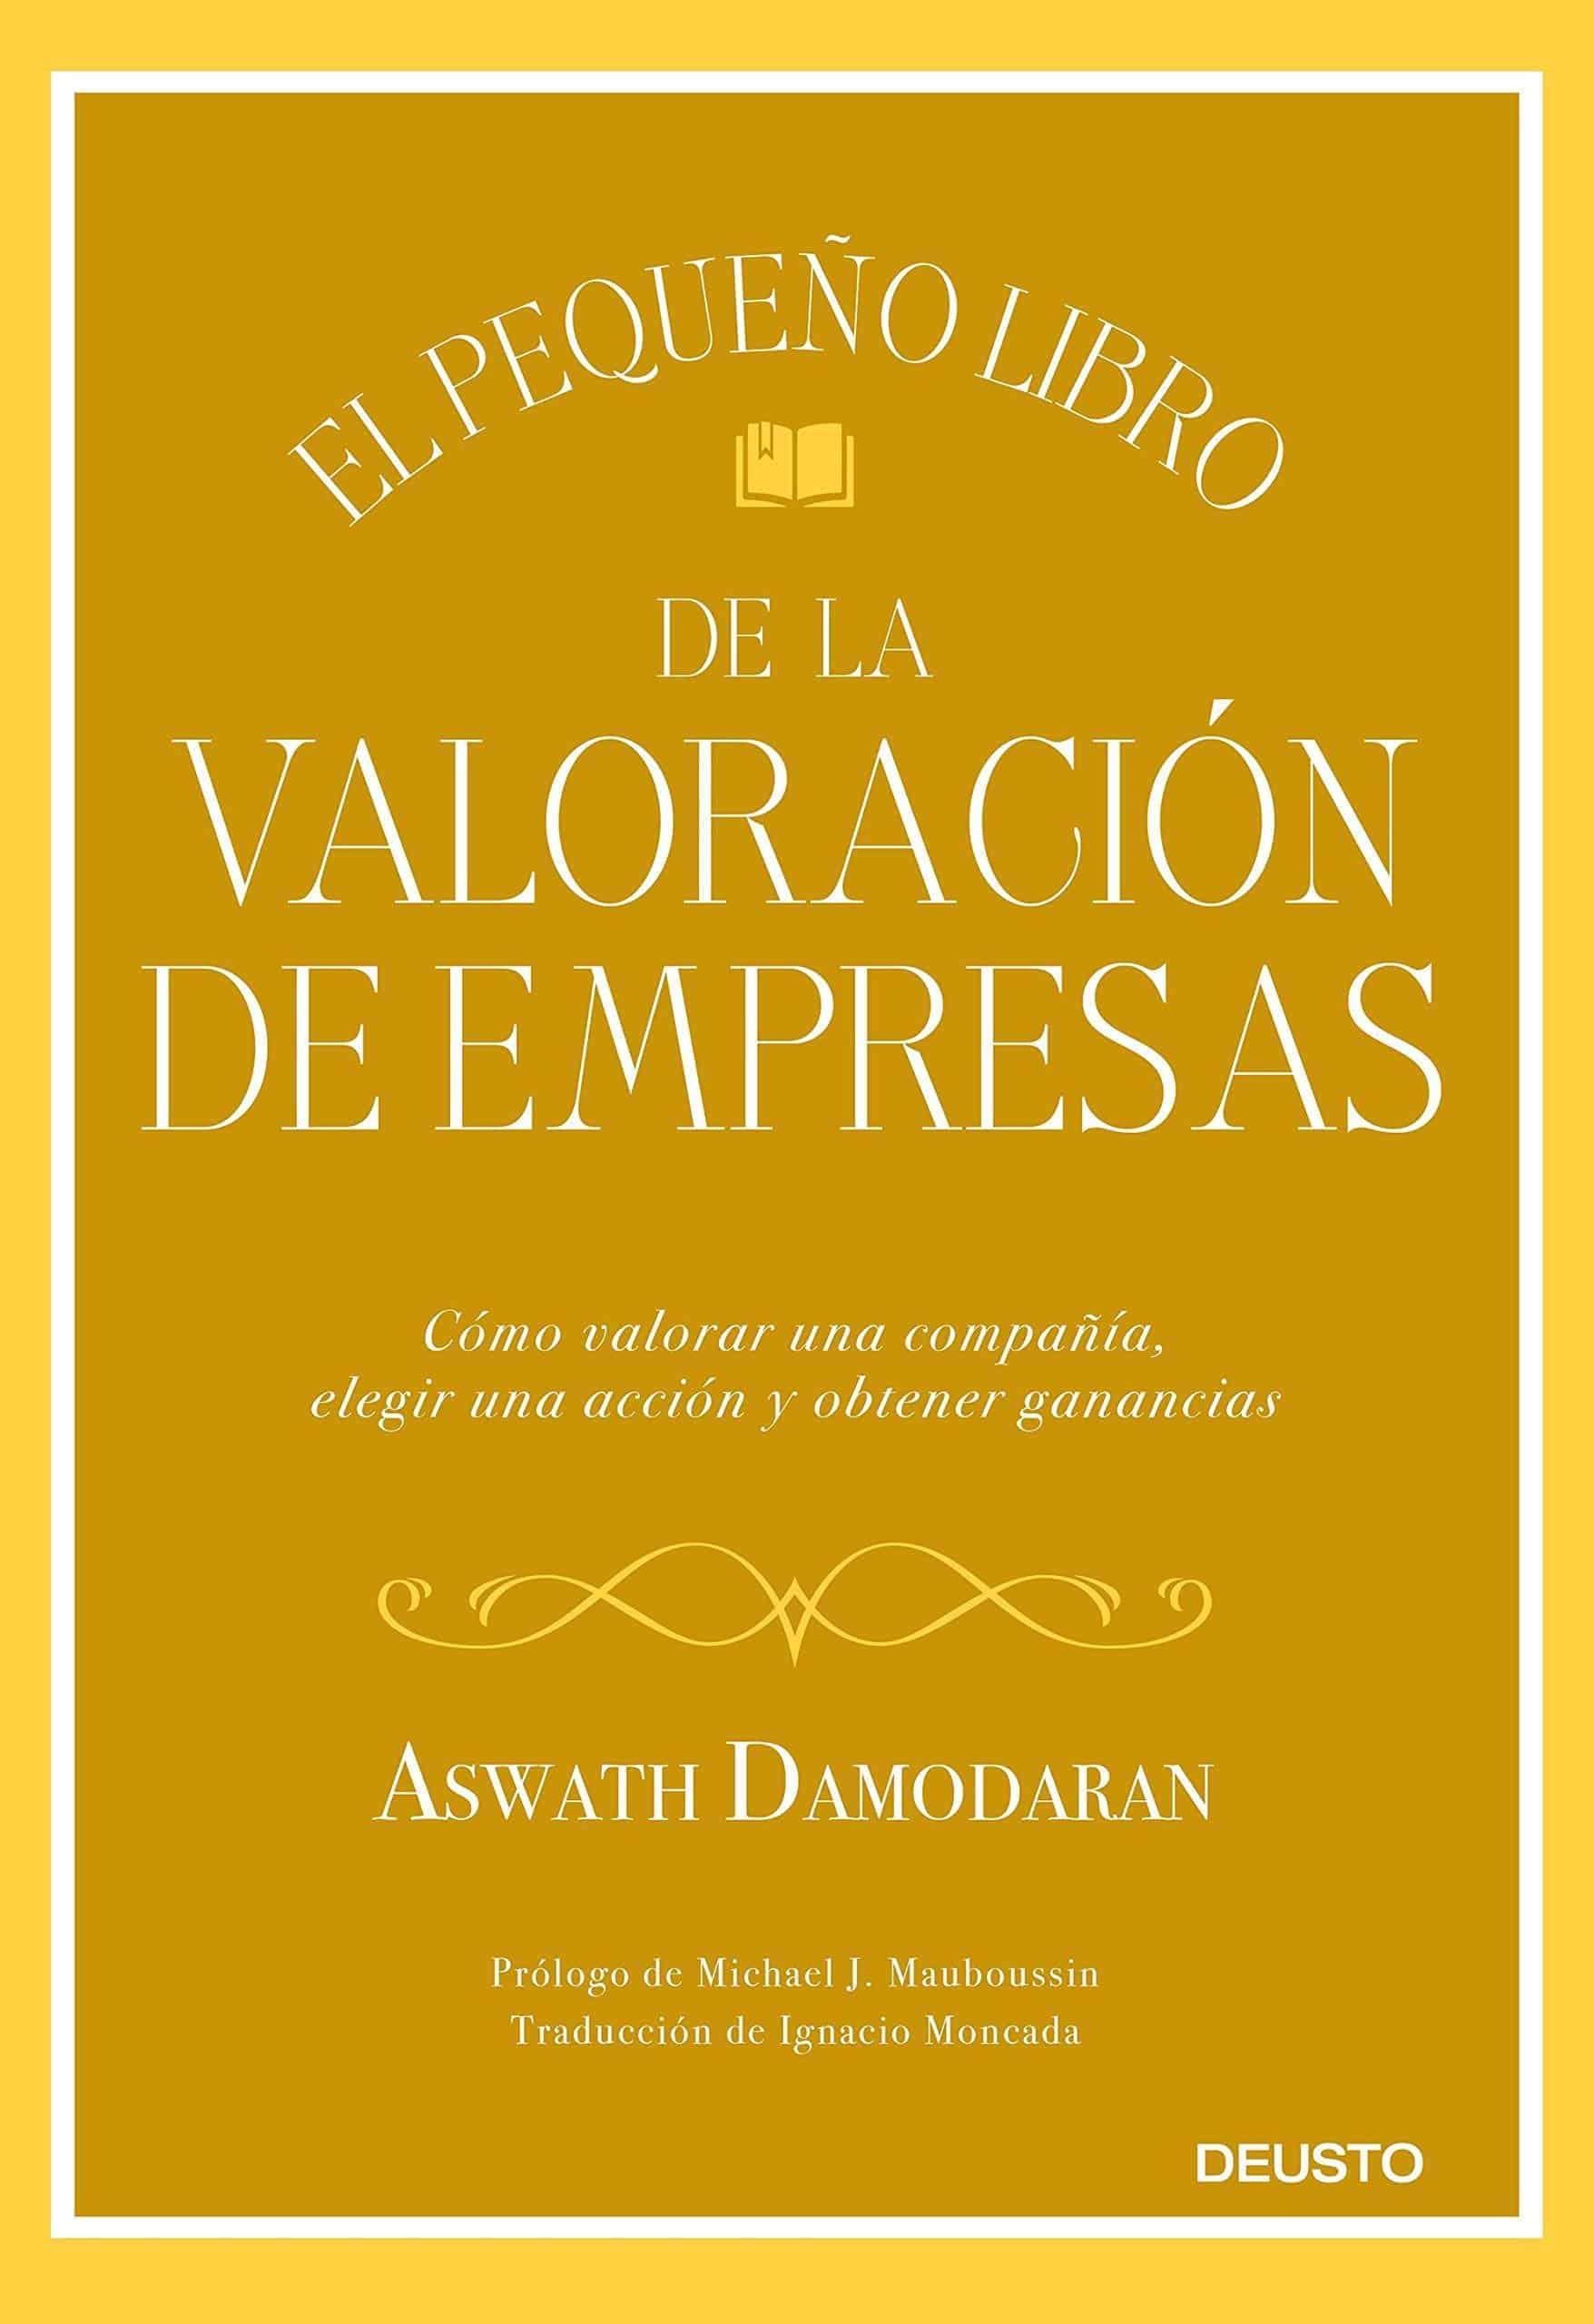 El pequeño libro de la valoración de empresas – Aswath Damodaran